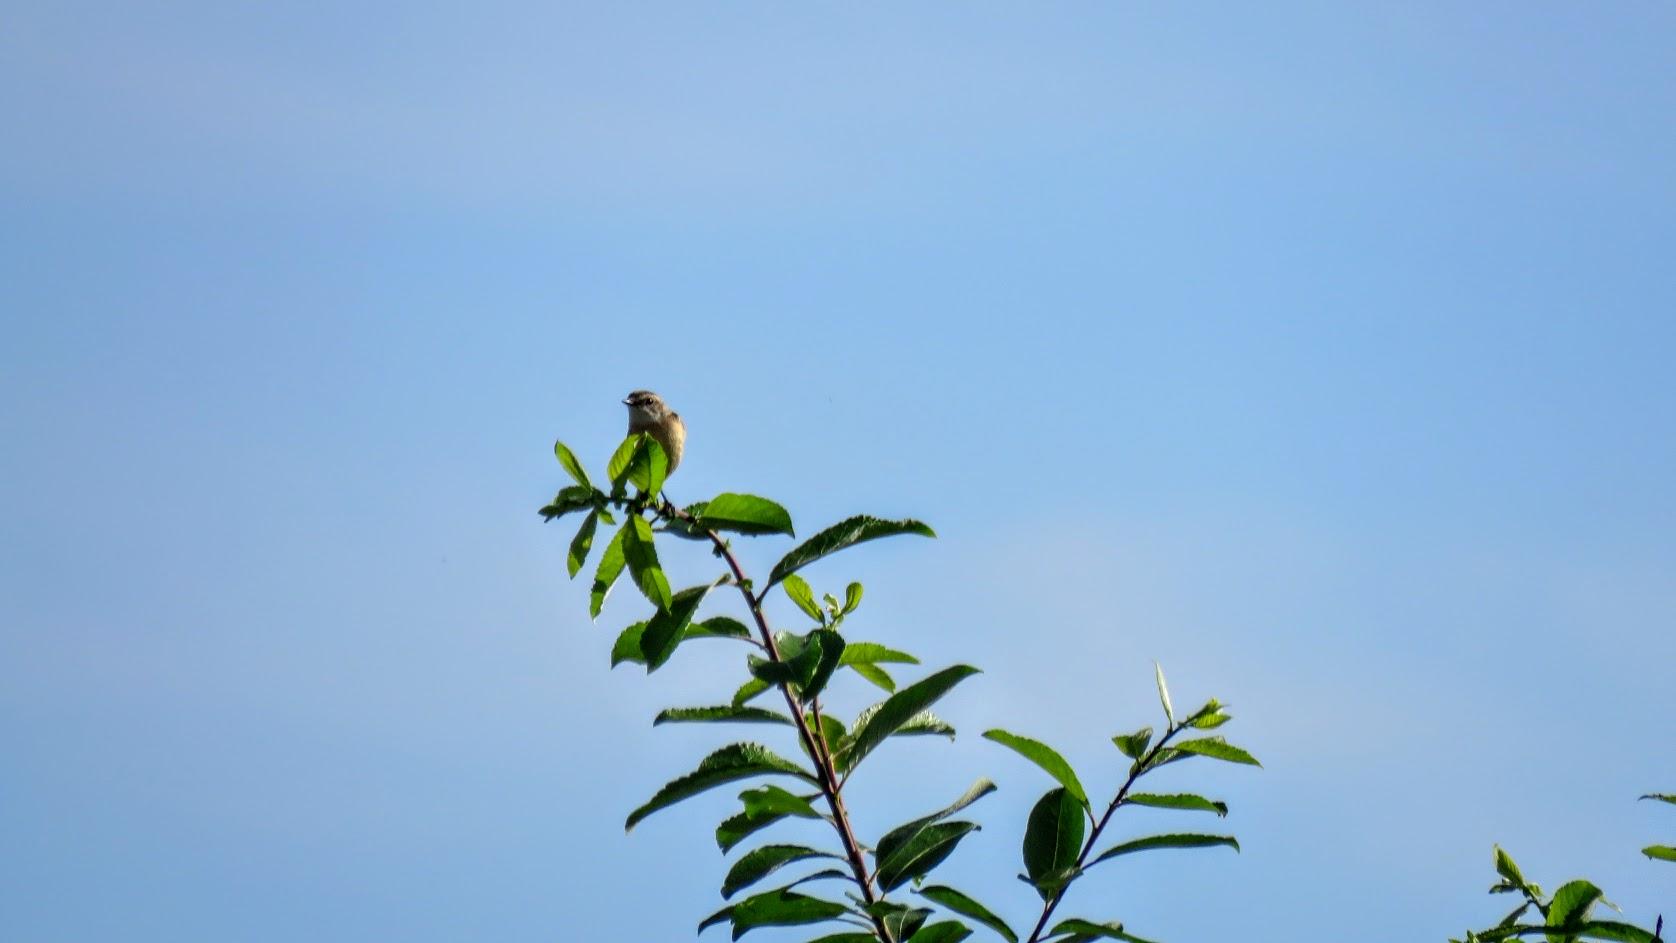 Цветики, птички, маслята и сосновые шишки. Мои припасы на зиму) IMG_6604.jpg